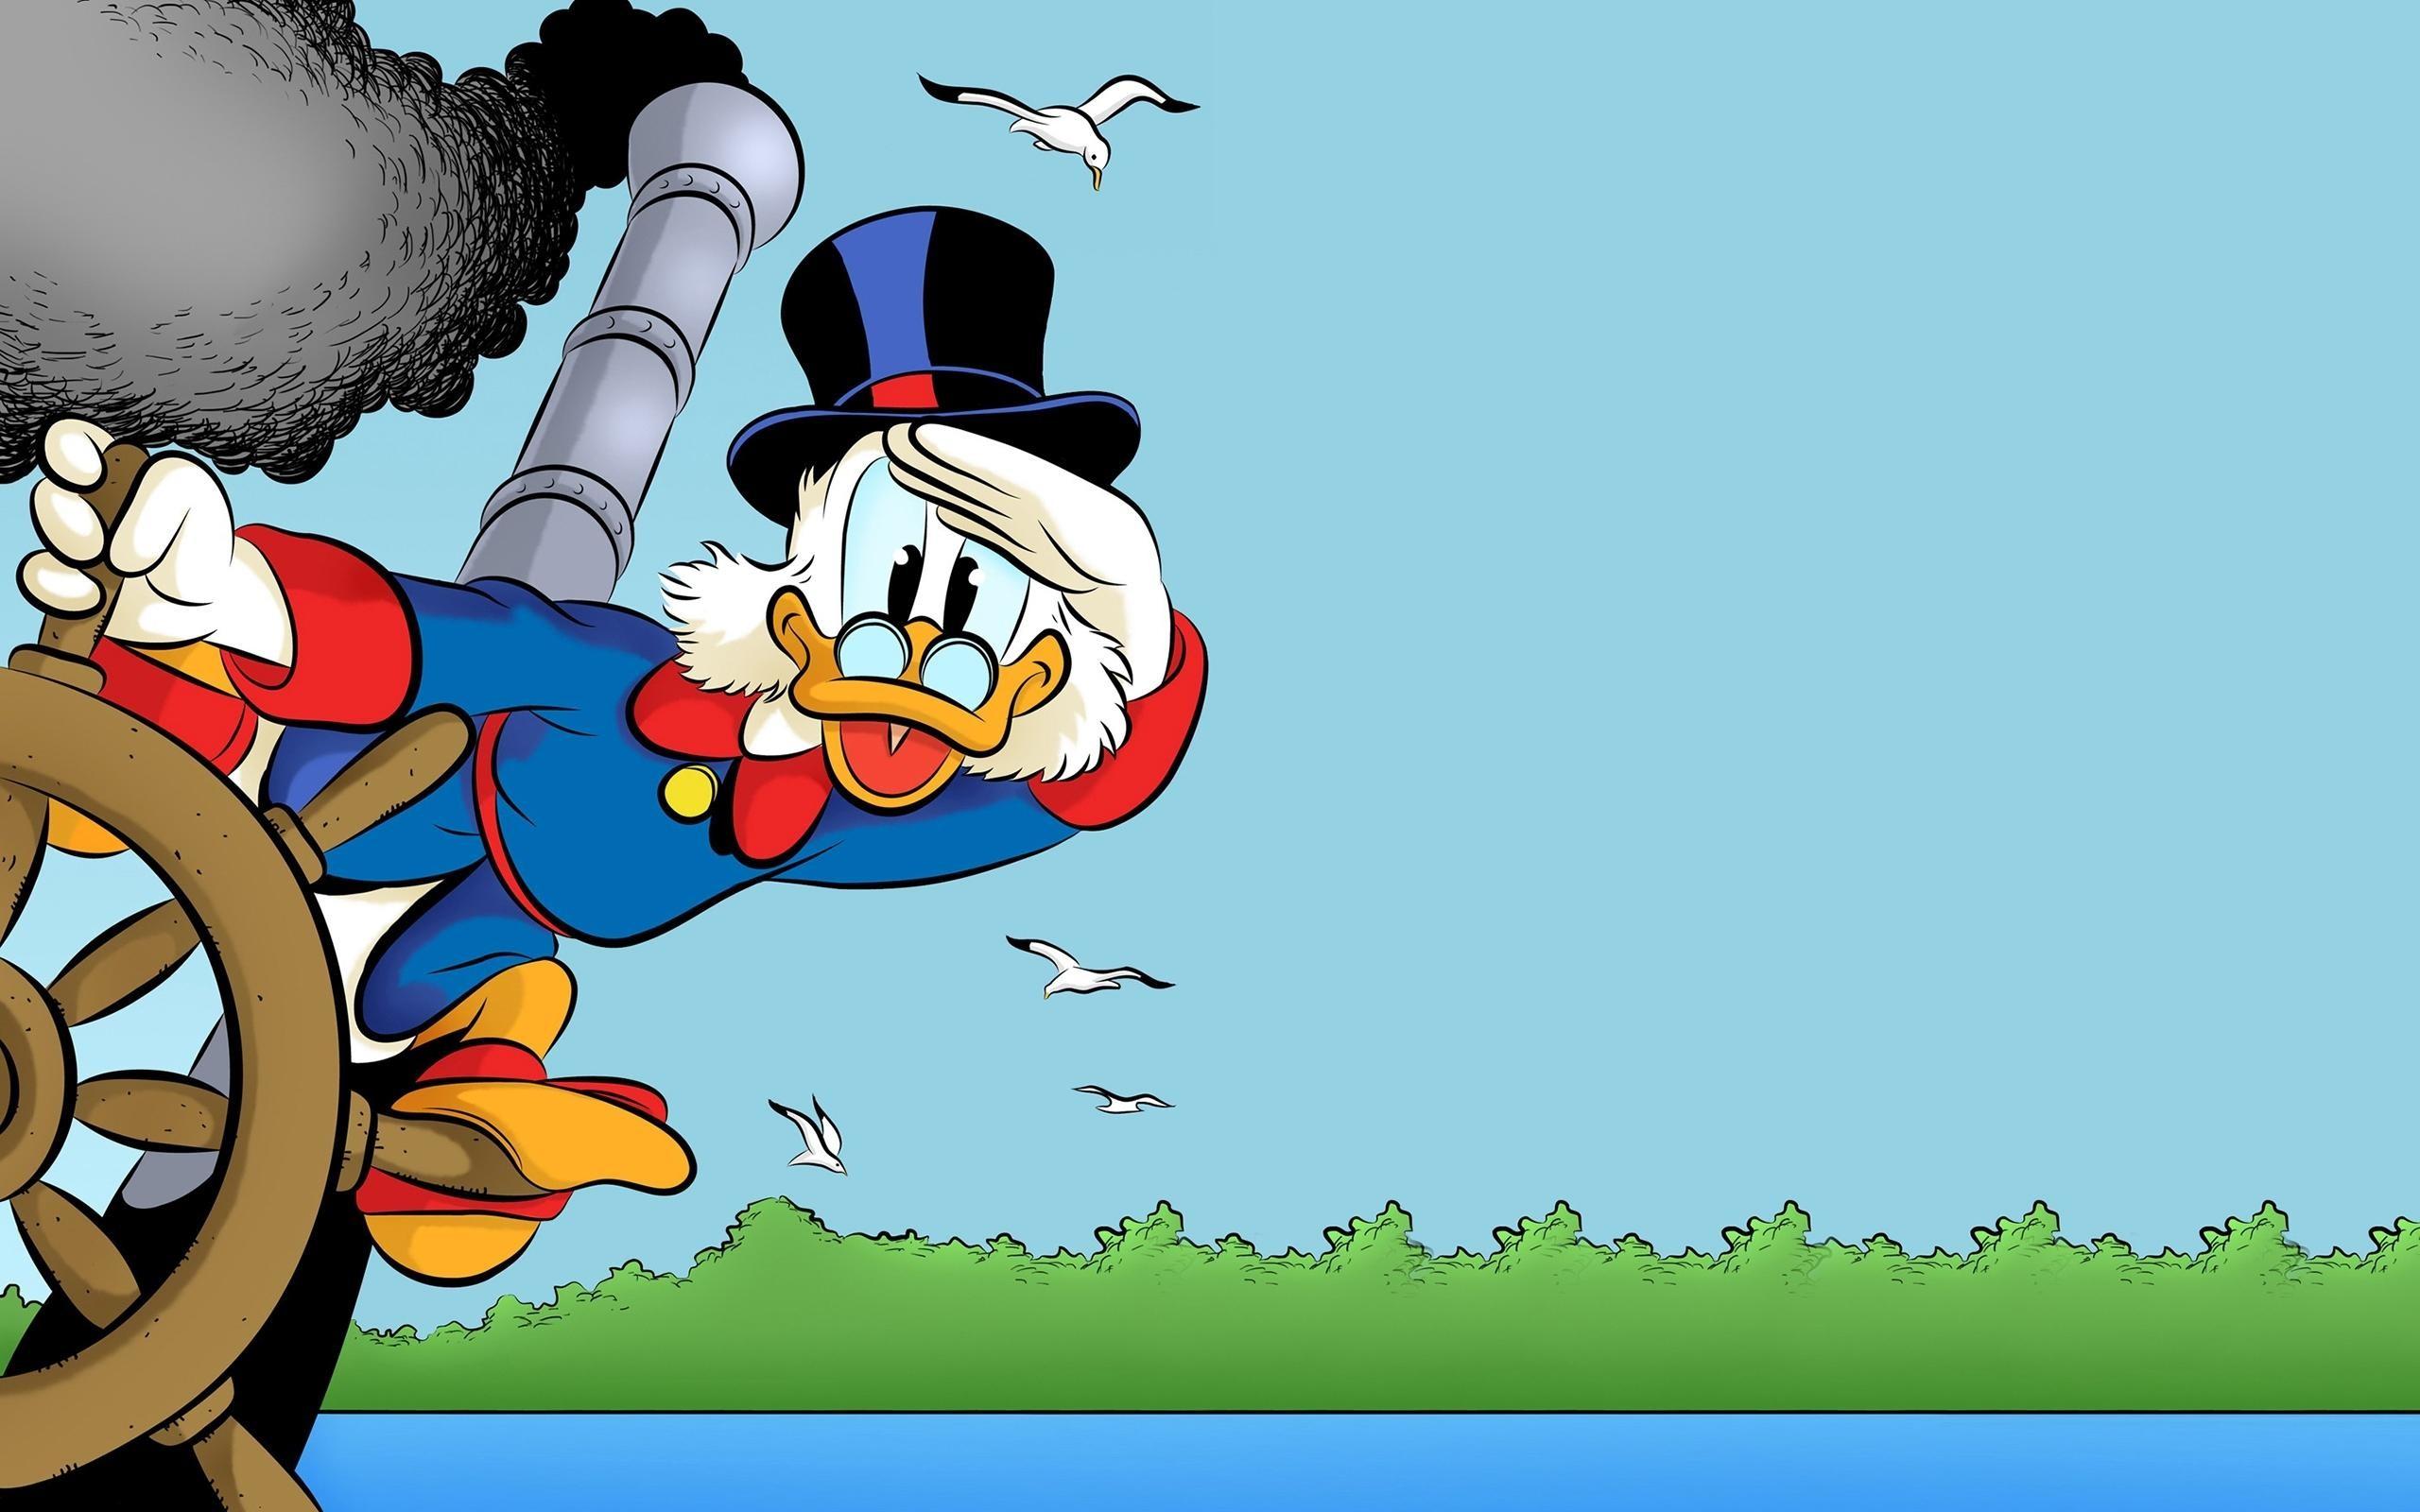 Res: 2560x1600, Disney Cartoons McDuck Scrooge mcduck Scrooge